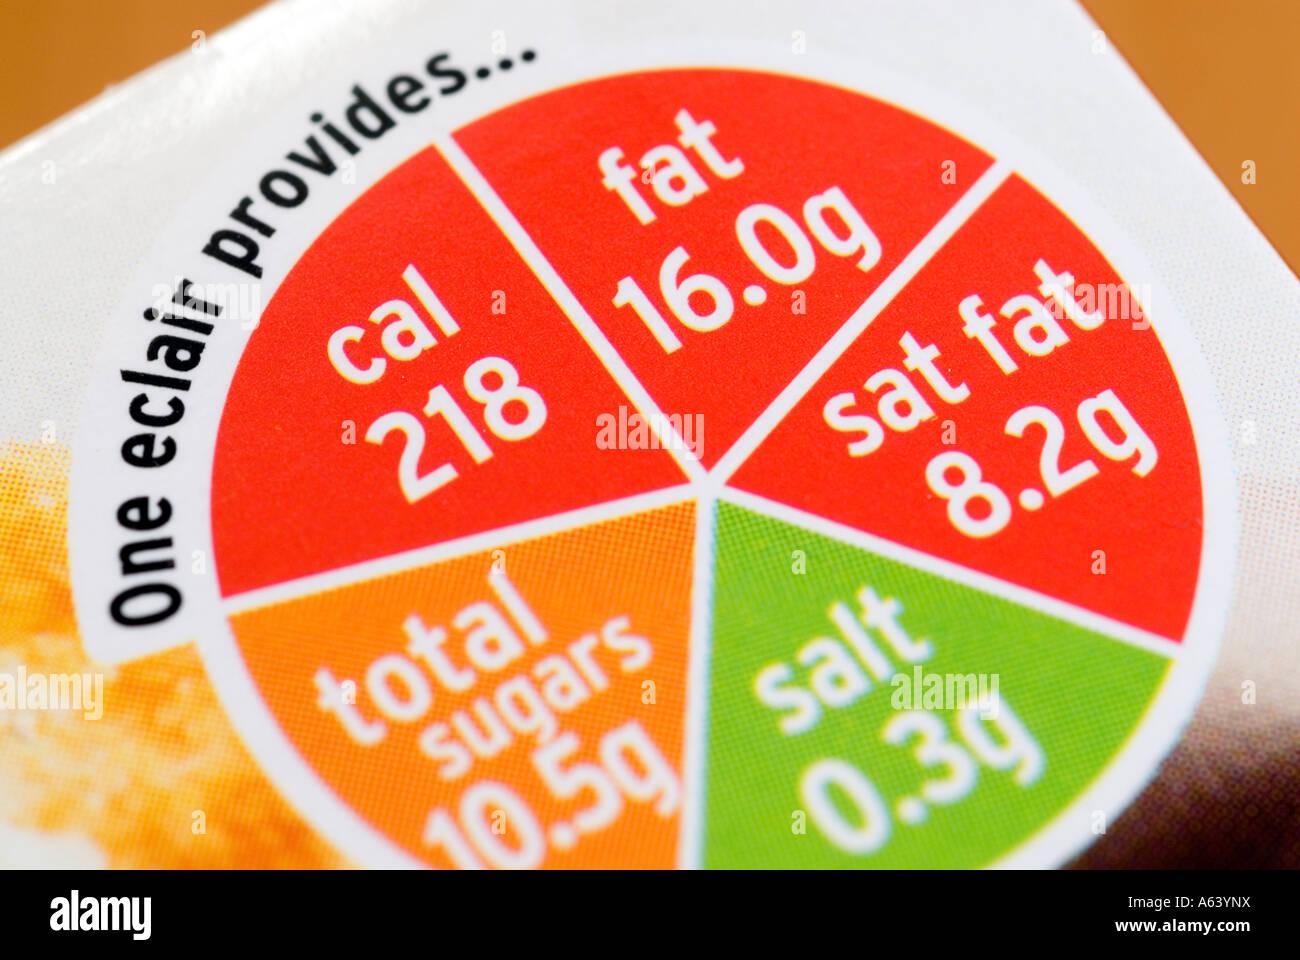 Calories label photos calories label images alamy - Calories pistaches grillees ...